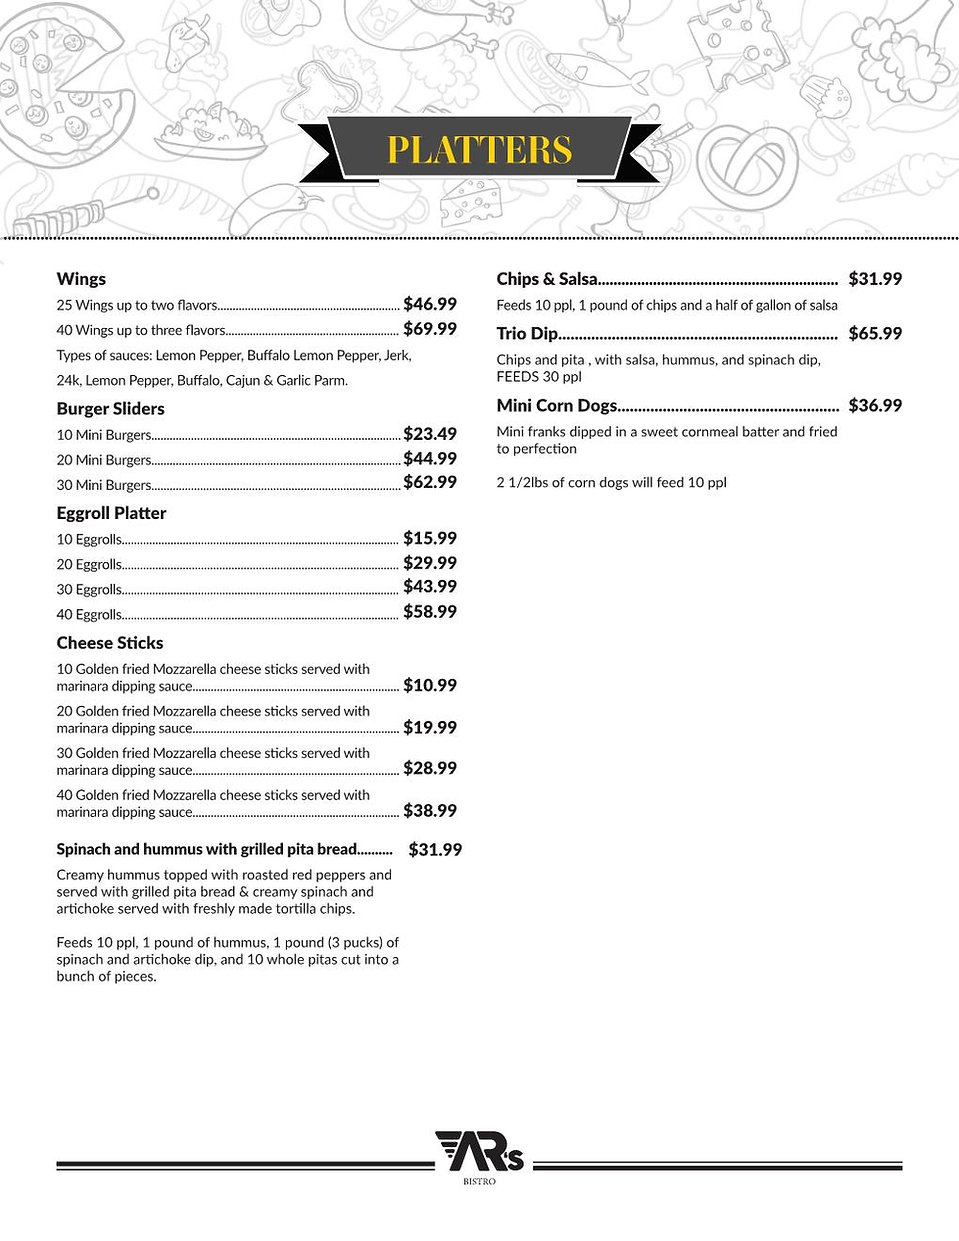 AR_restaurant_JUL-1_2021 Page 005.jpg